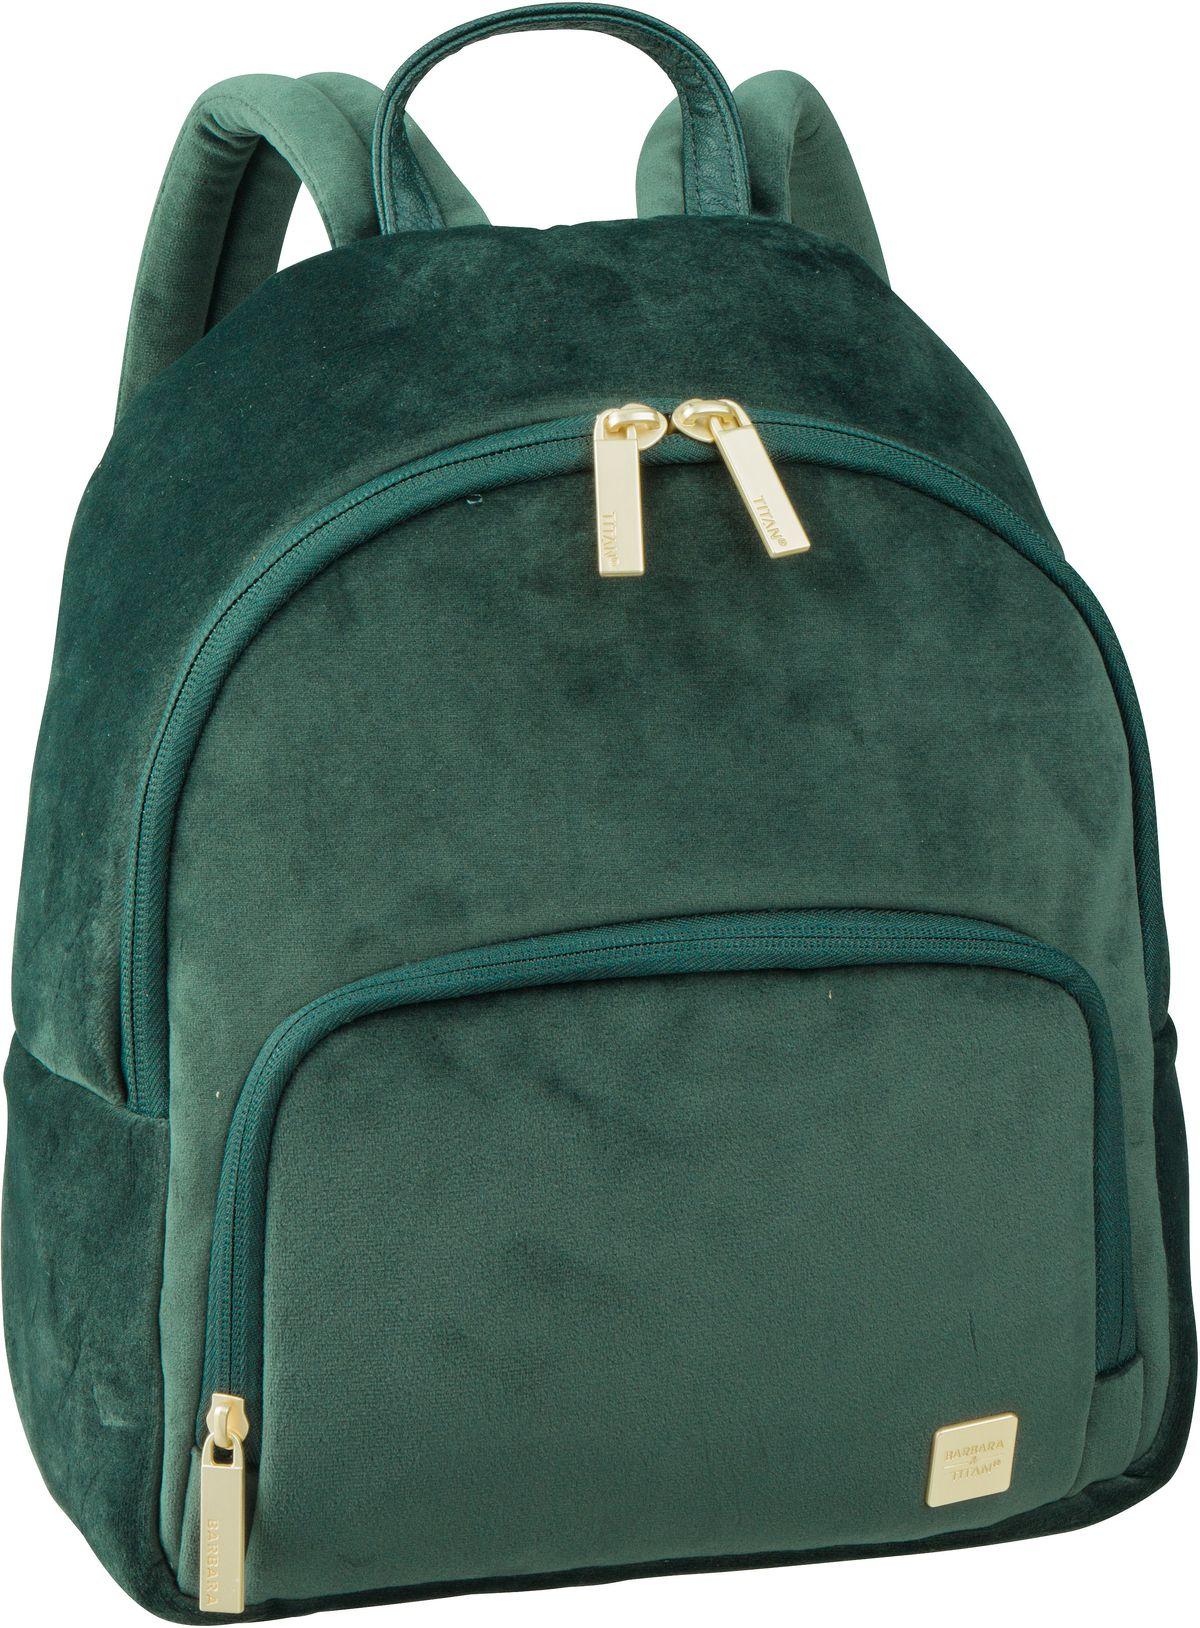 Rucksack / Daypack Barbara Velvet Backpack Forest Green (8 Liter)